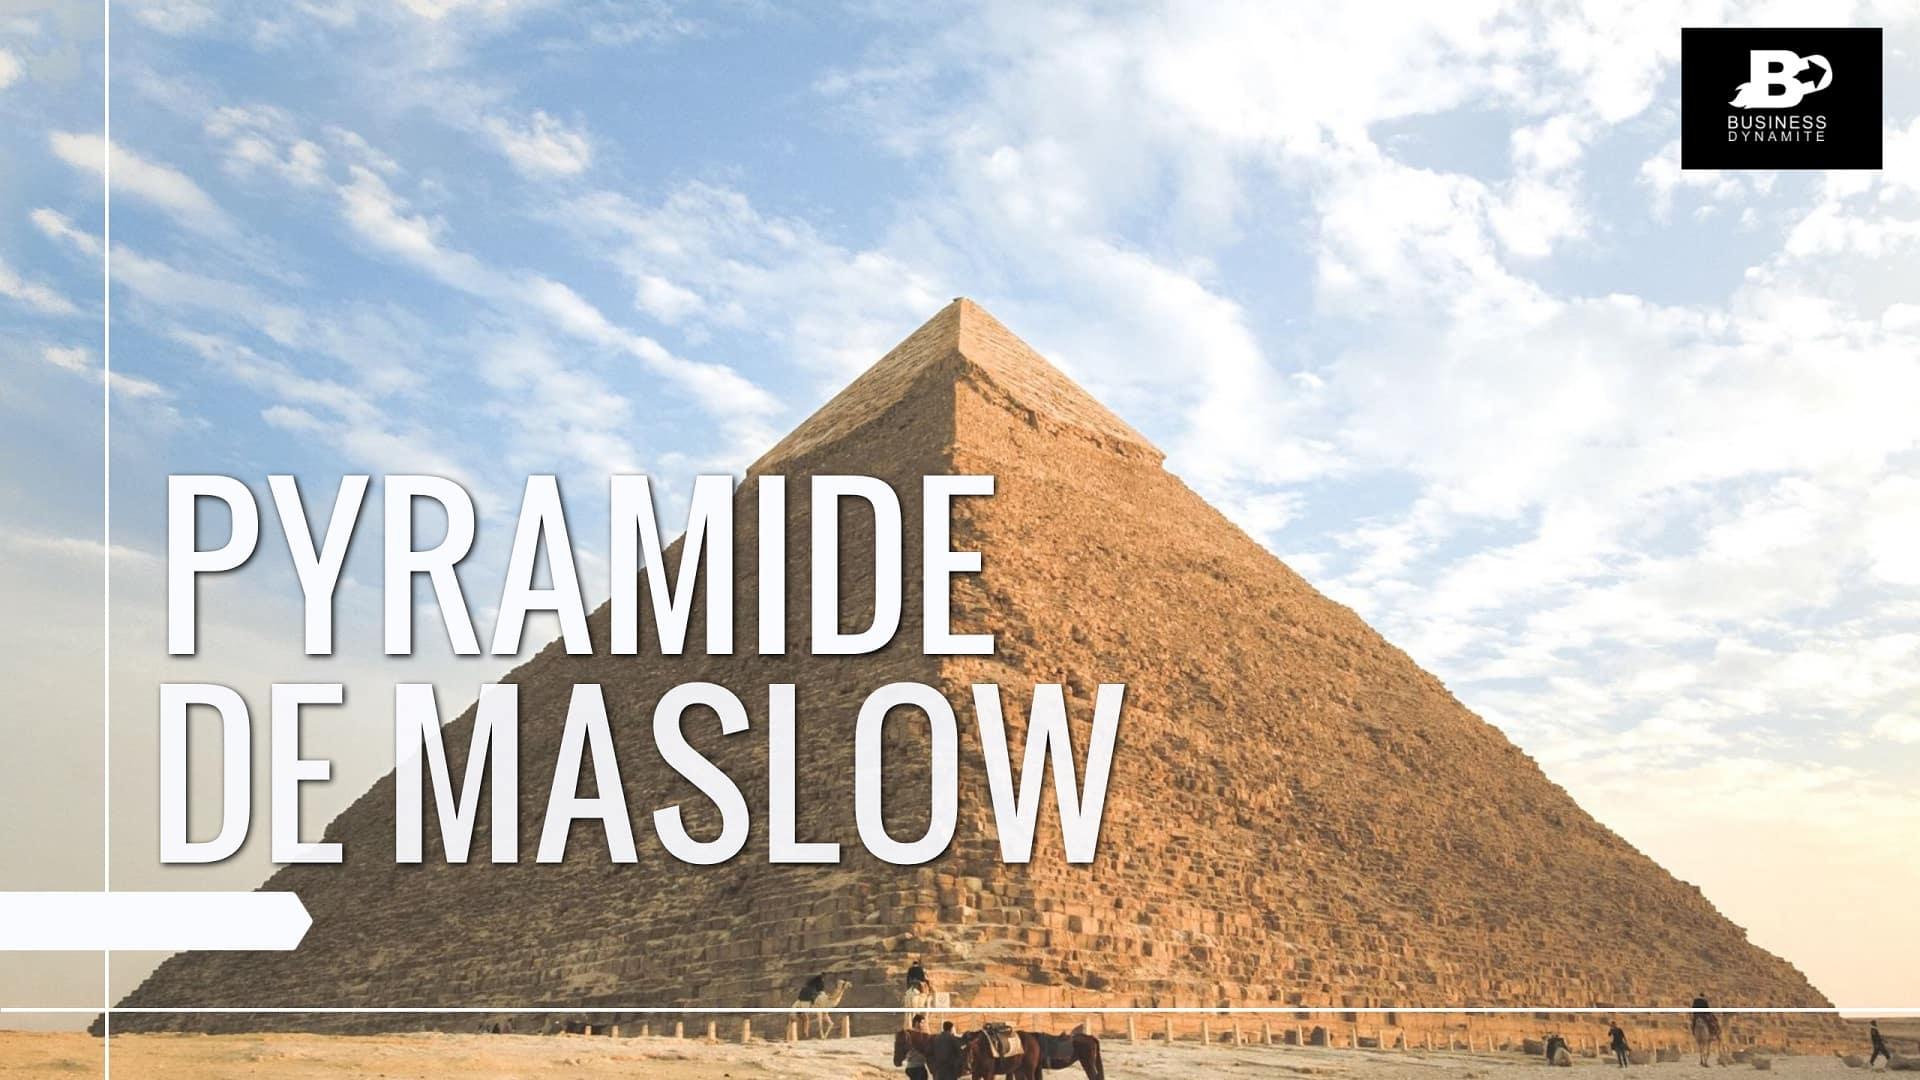 La pyramide de maslow expliquée pour le e-commerce